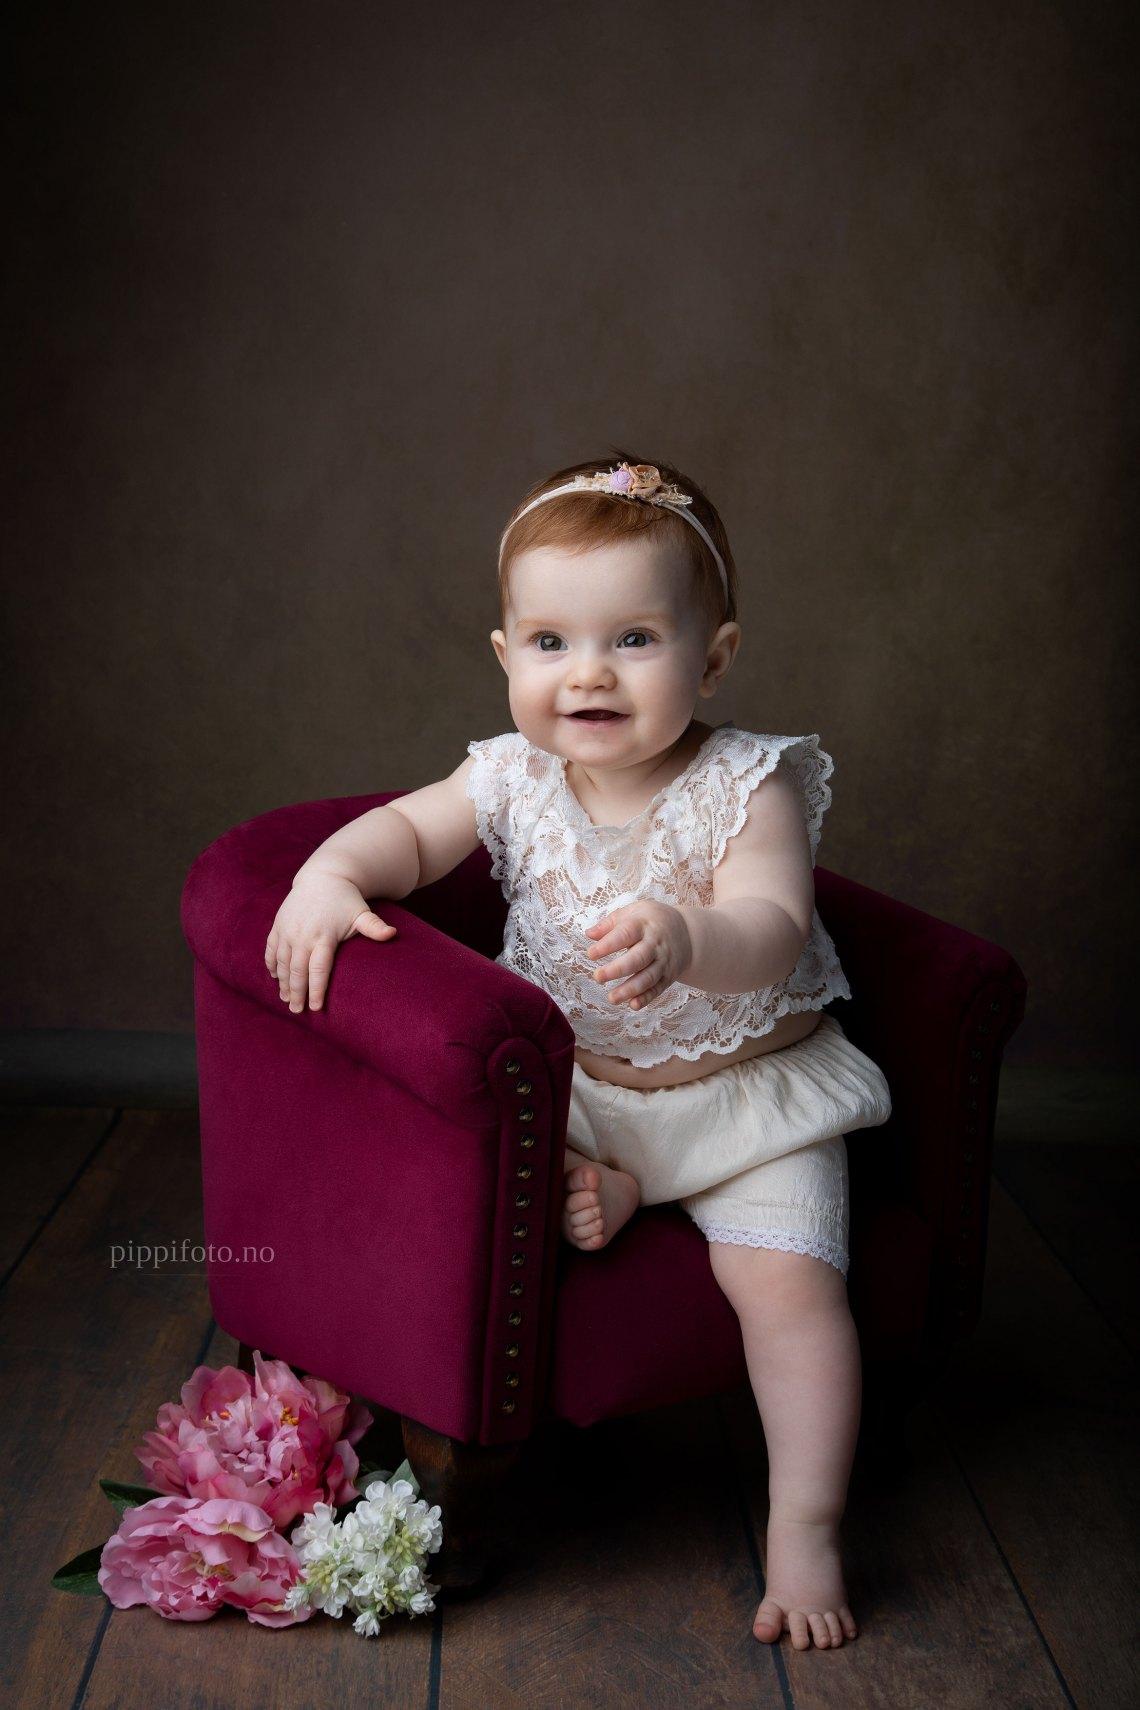 babyfotograf-barnefotografering-Oslo-studiofotografering